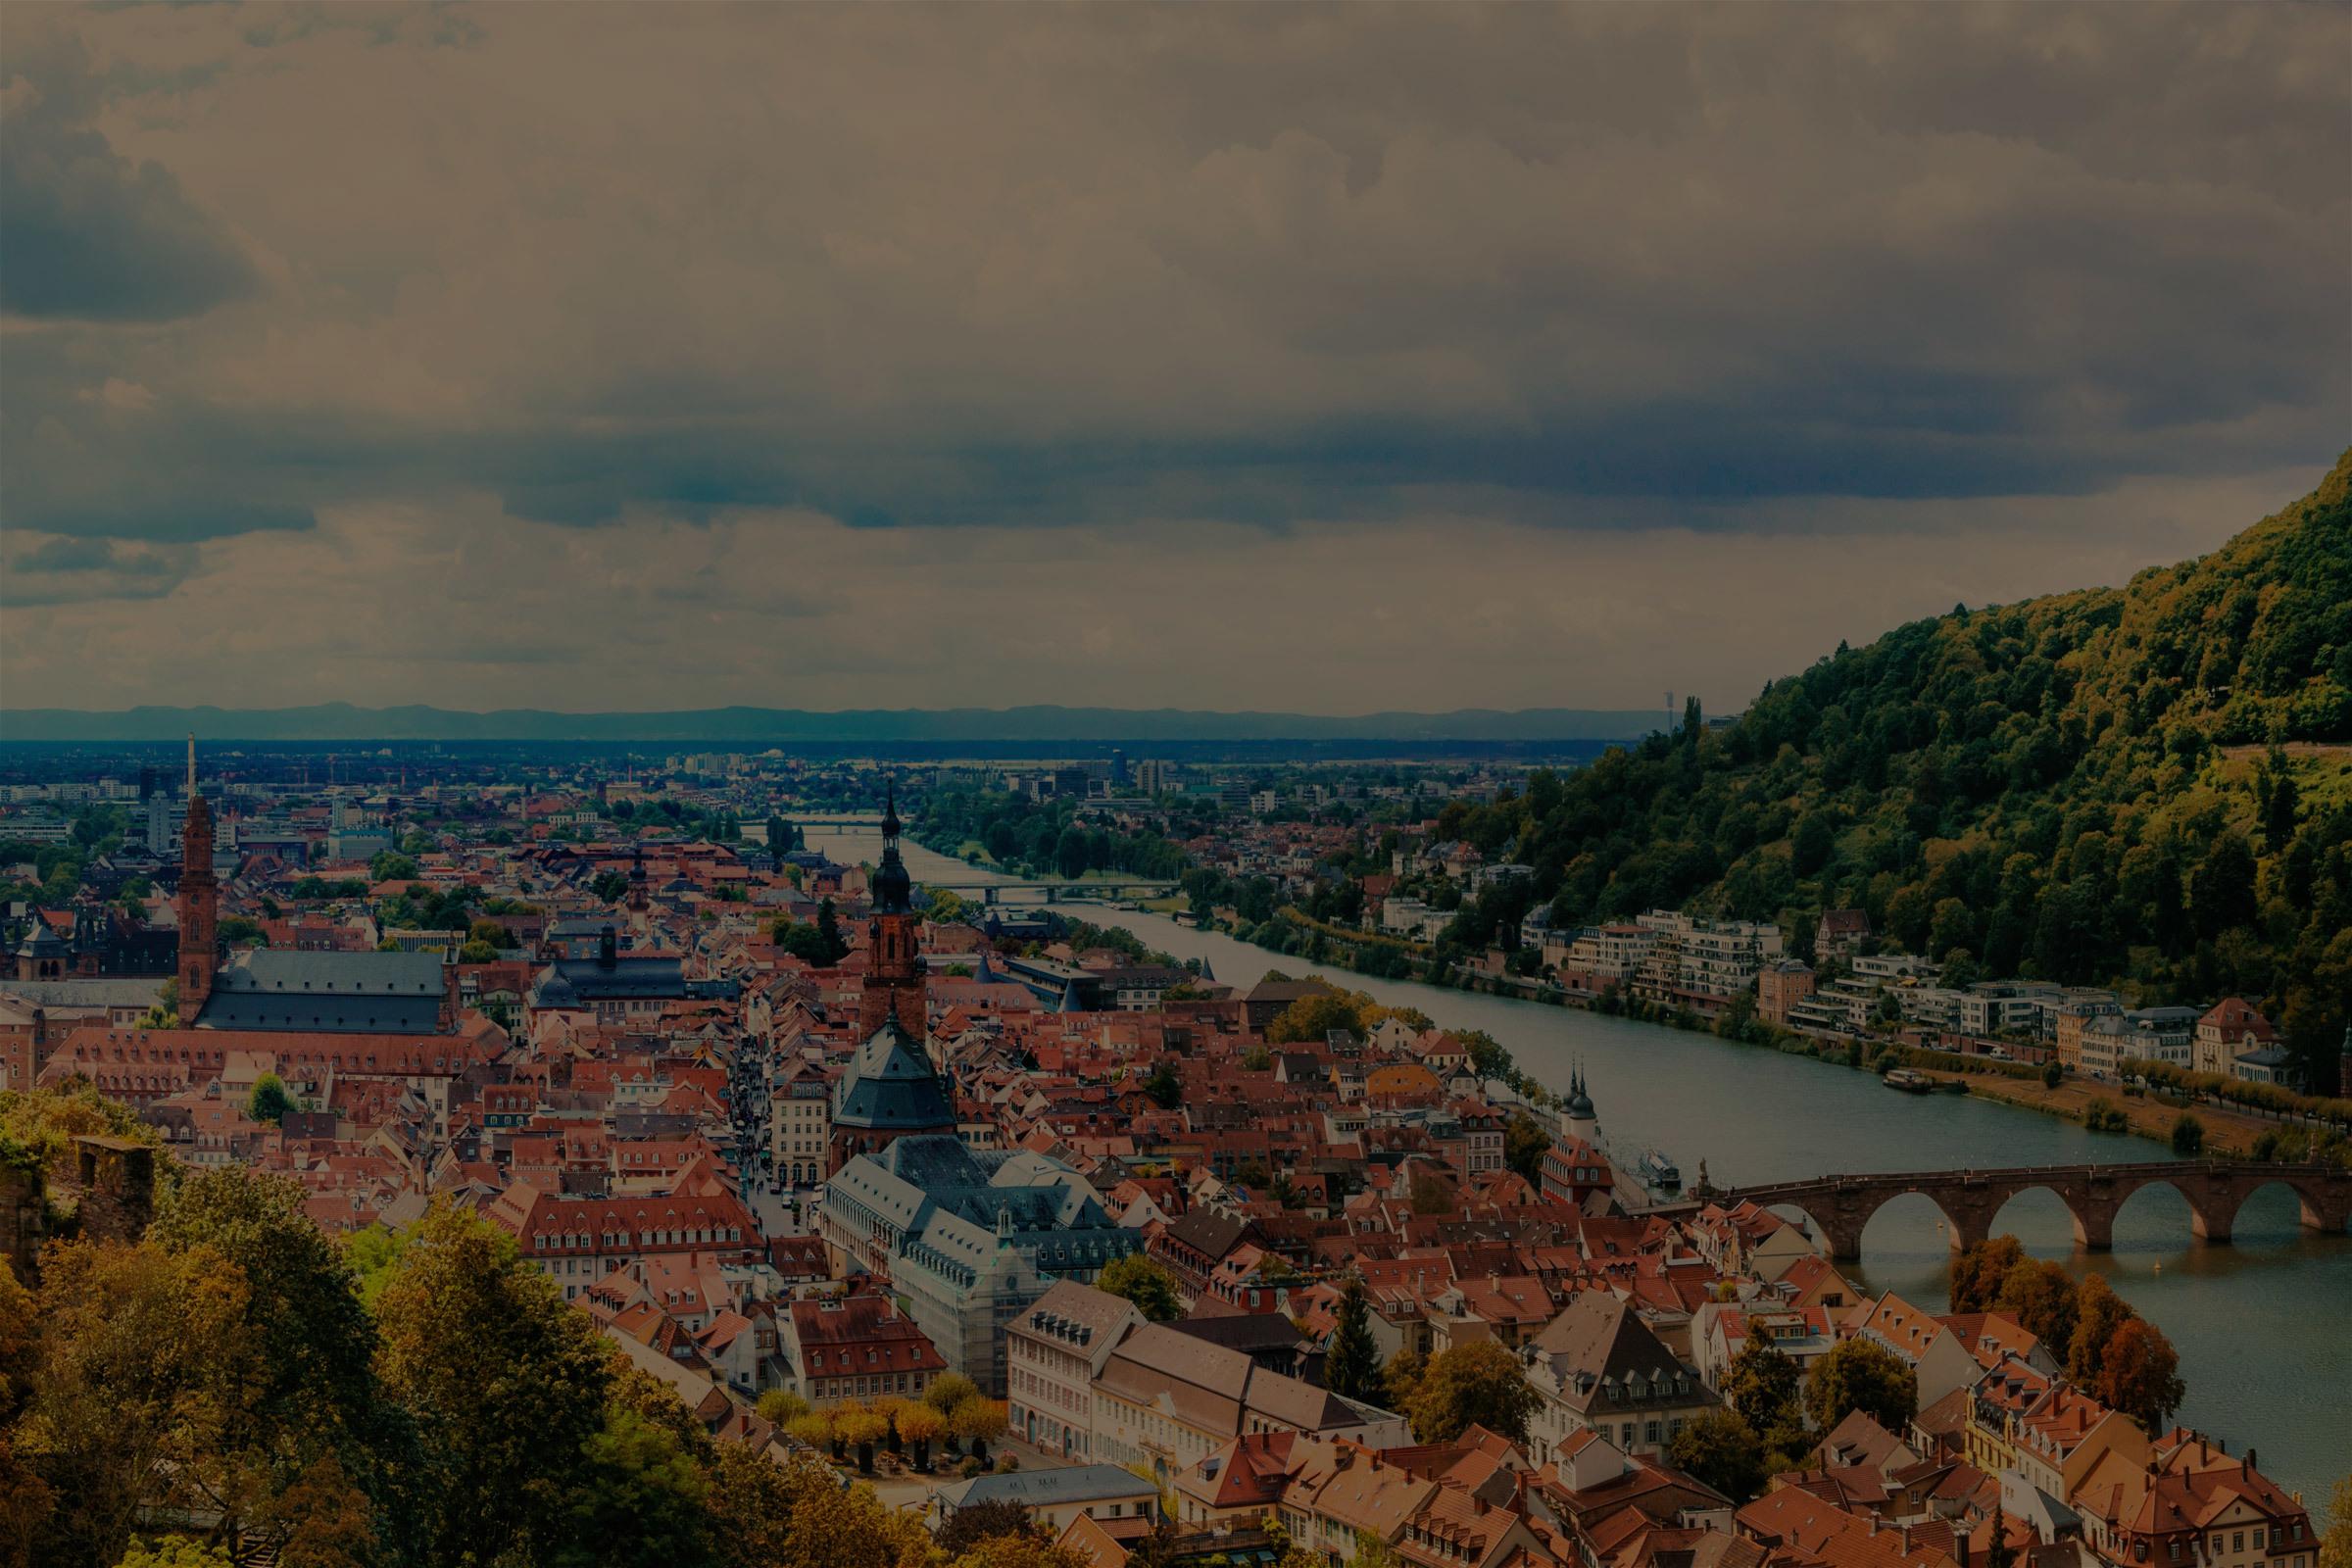 Übersetzer Rhein-Neckar, Odenwald, Ludwigshafen, Heidelberg, Pfälzer Wald